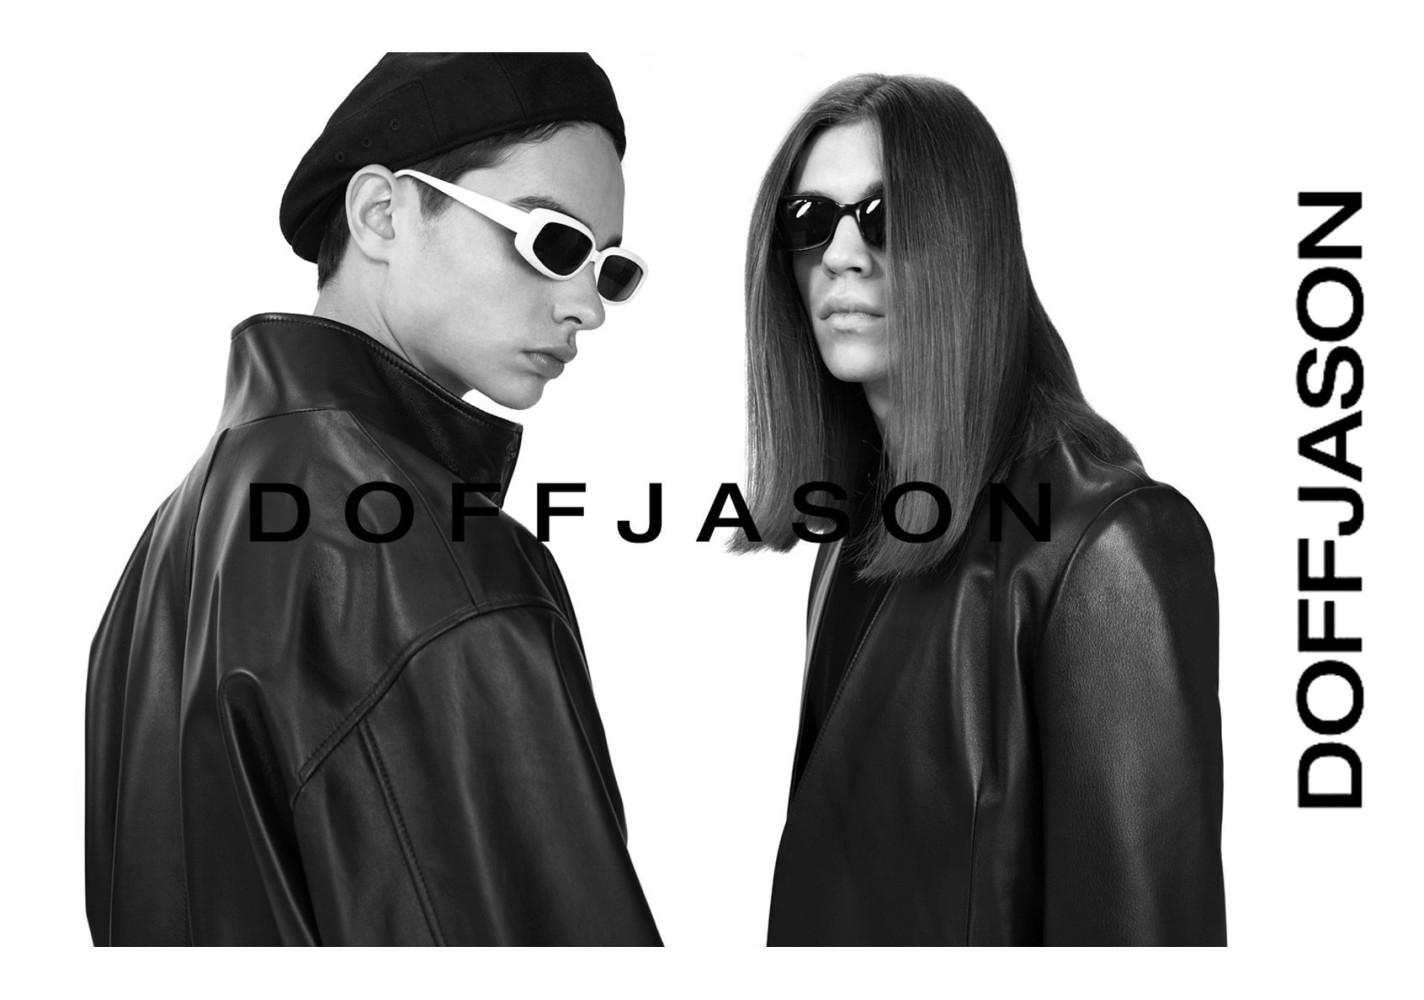 Jakub Kierzkowski for DOFFJASON Campaign FW 2020